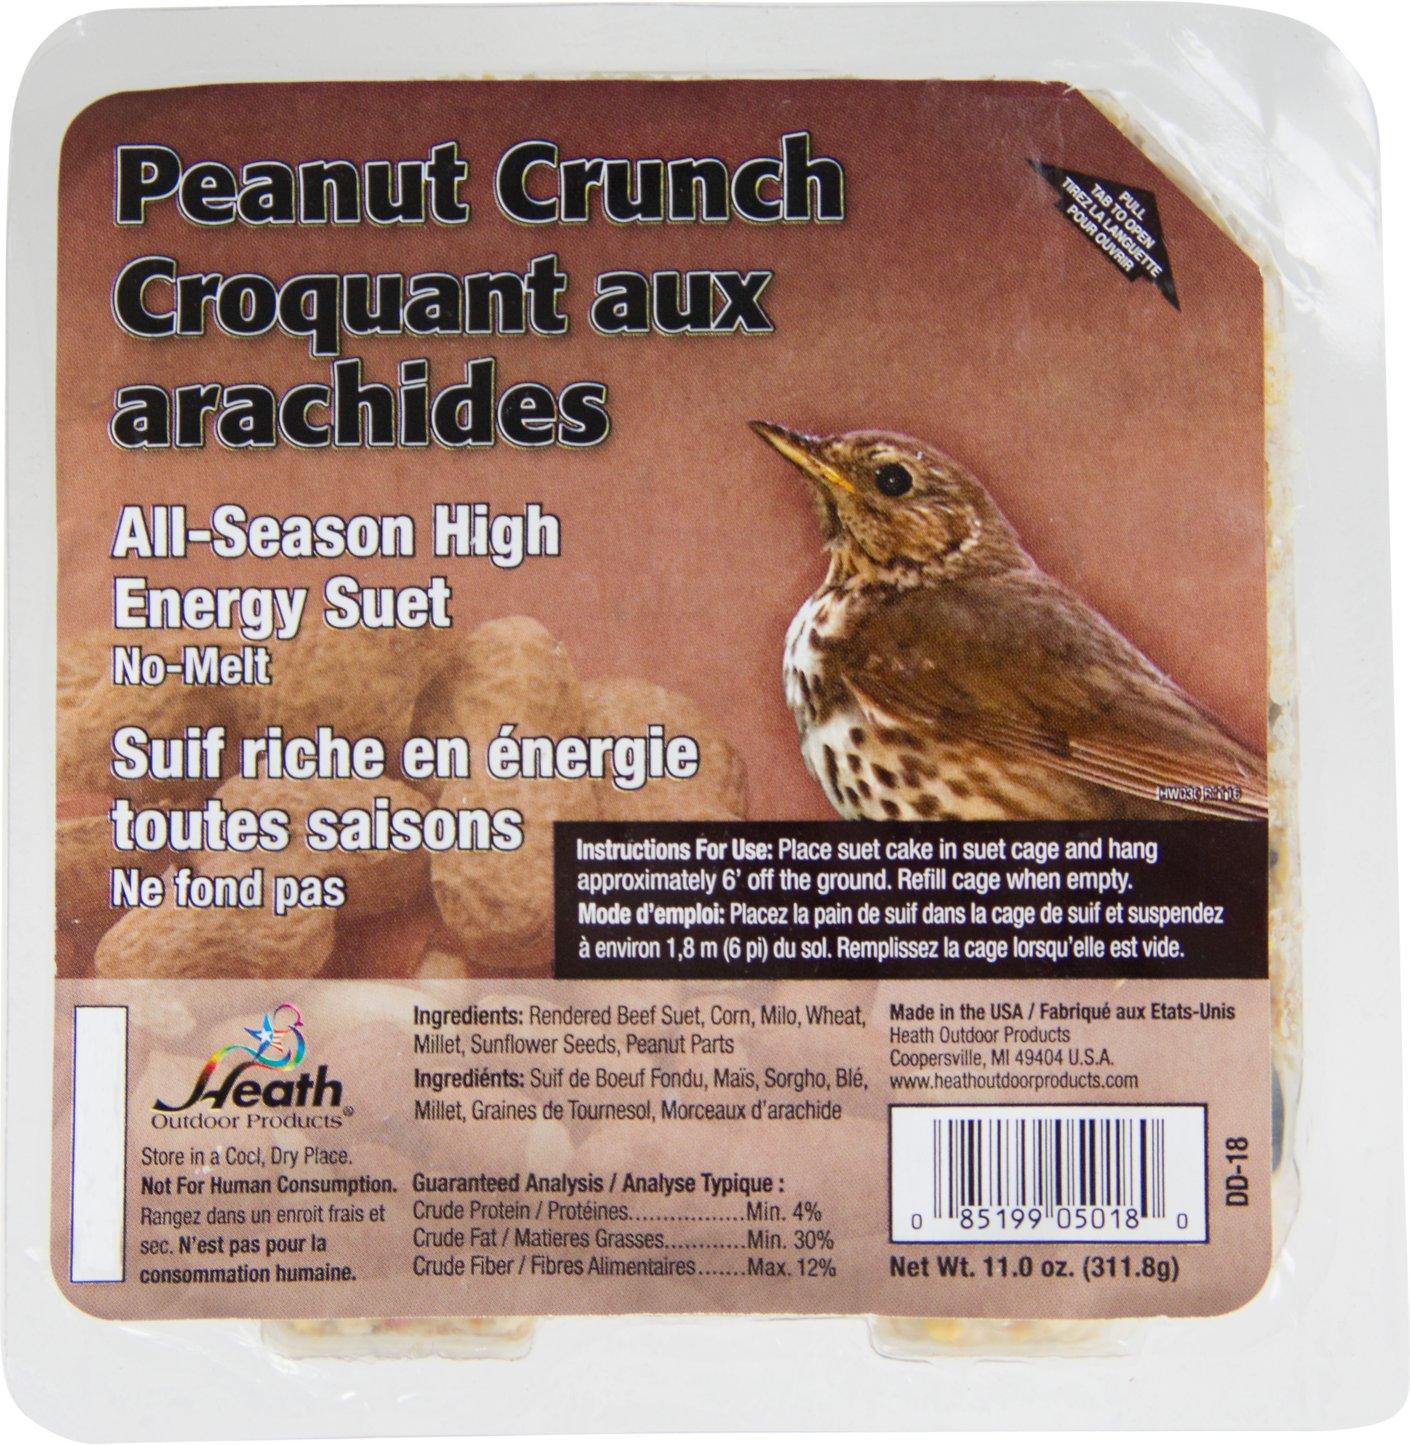 Heath Peanut Crunch Select Suet Cake Bird Food, 11-oz, case of 12